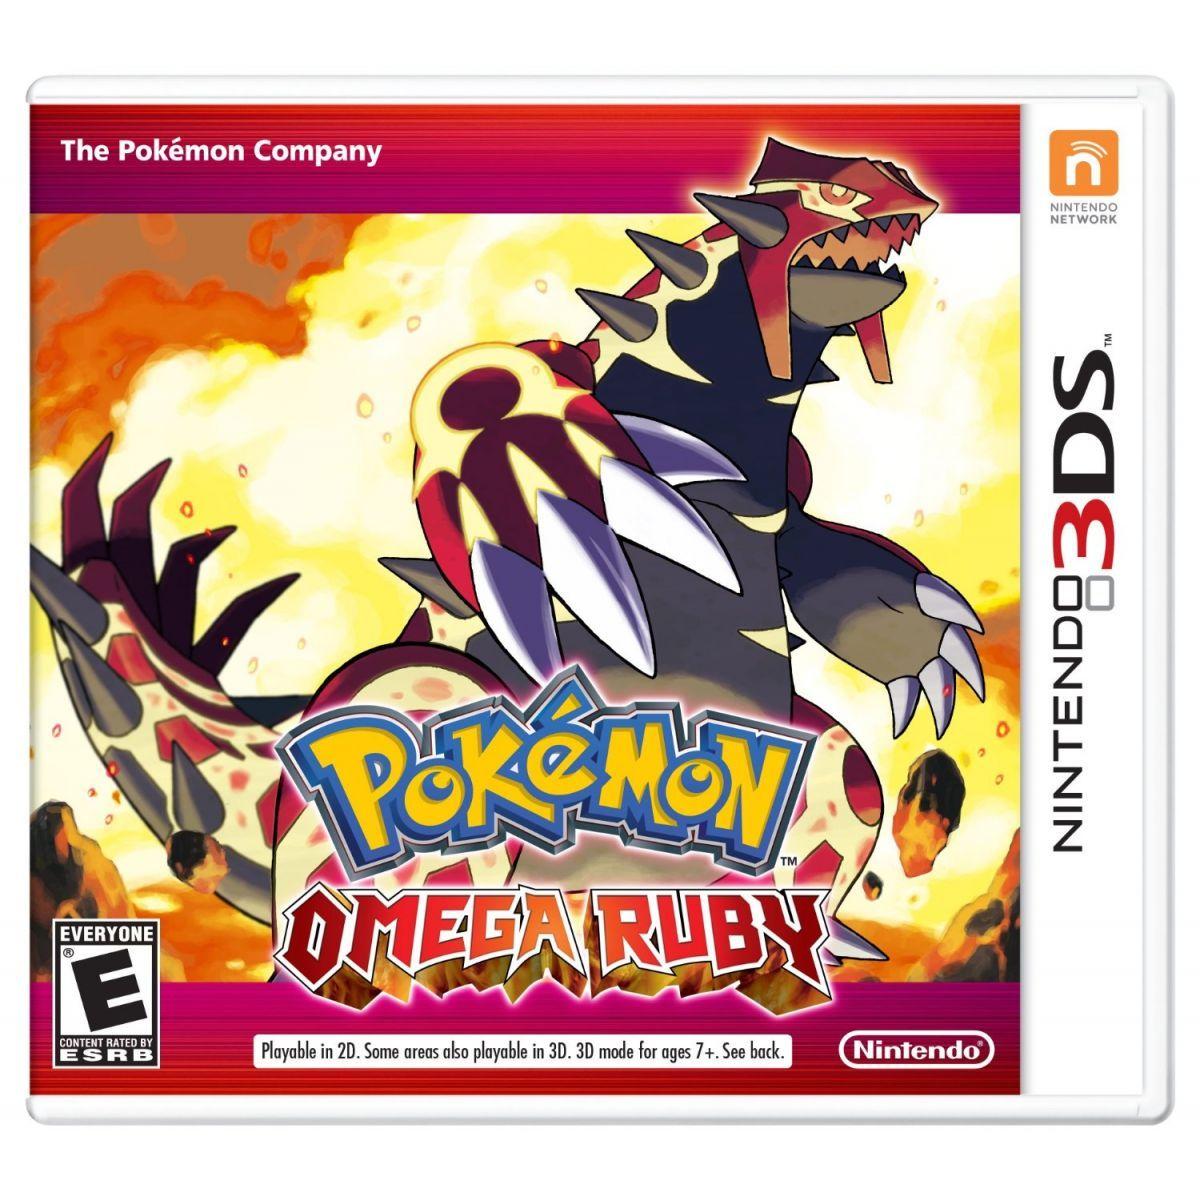 Pokémon Omega Ruby - 3Ds